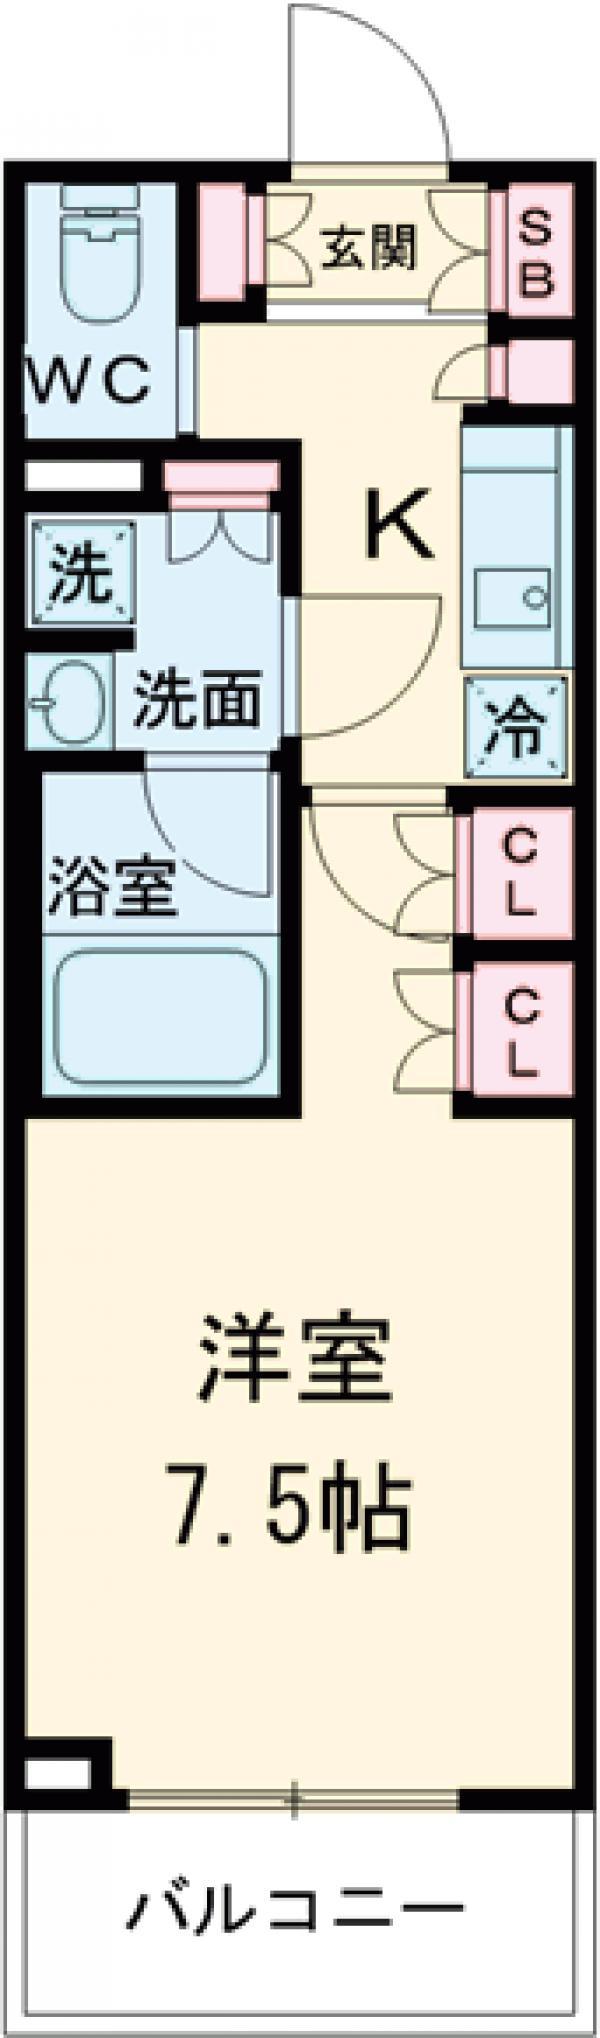 ブライズ世田谷桜・311号室の間取り